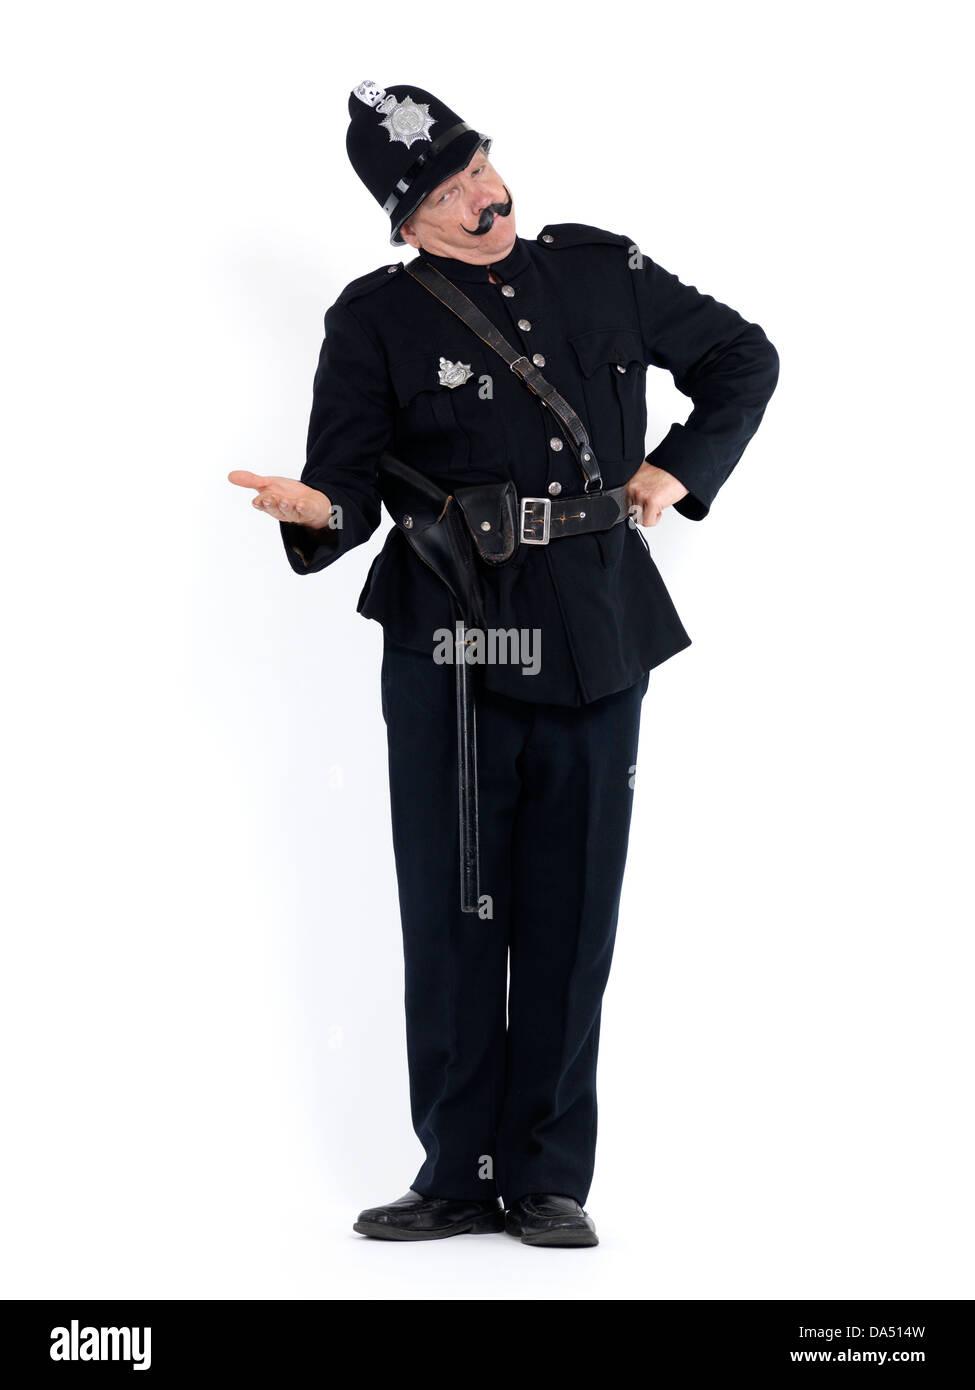 Oficial de policía en vintage uniforme con un brazo estirado y grave expresión exige documentos, humorístico retrato conceptual Foto de stock